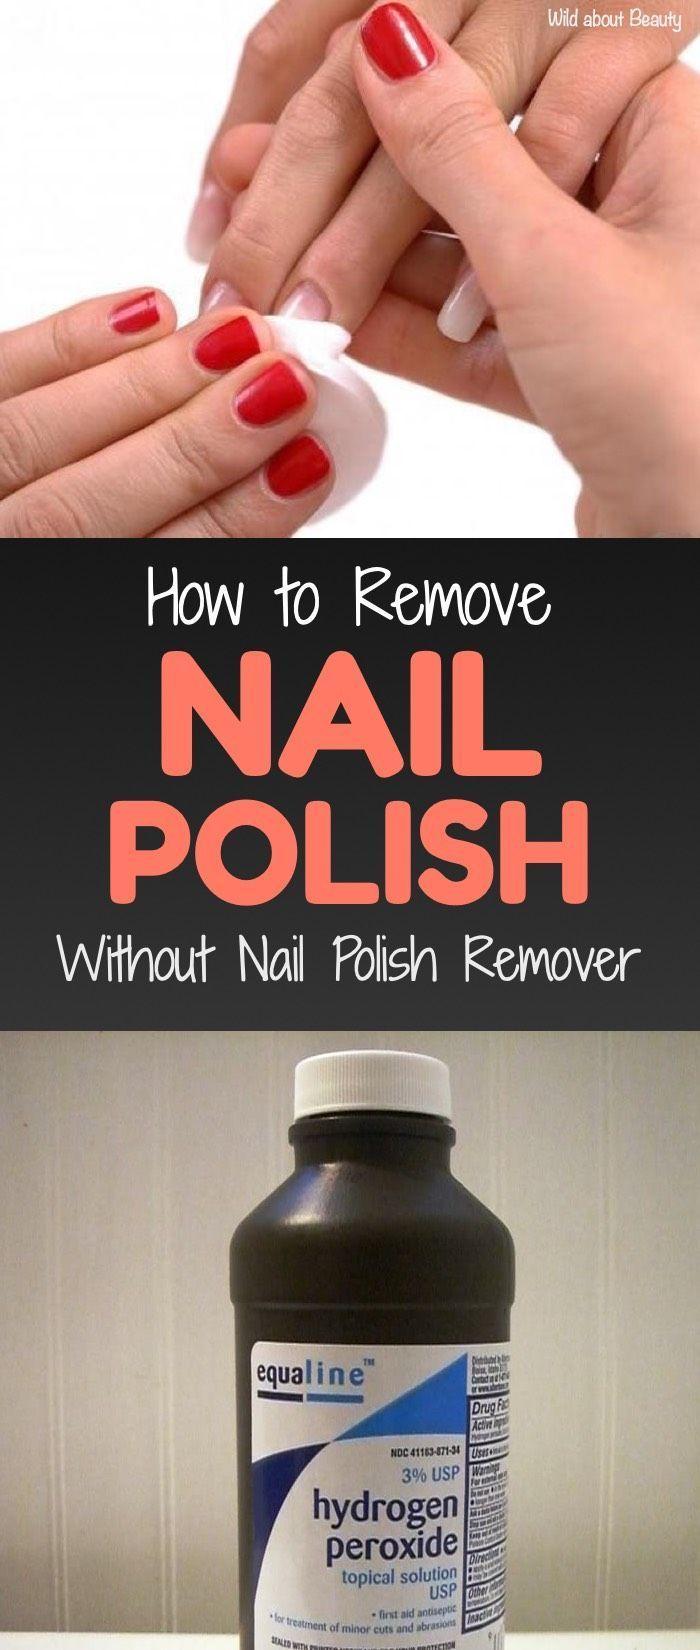 So entfernen Sie Nagellack ohne Nagellackentferner  8 Natural Solutions  So entfernen Sie Nagellack ohne Nagellackentferner  8 natürliche Lösungen